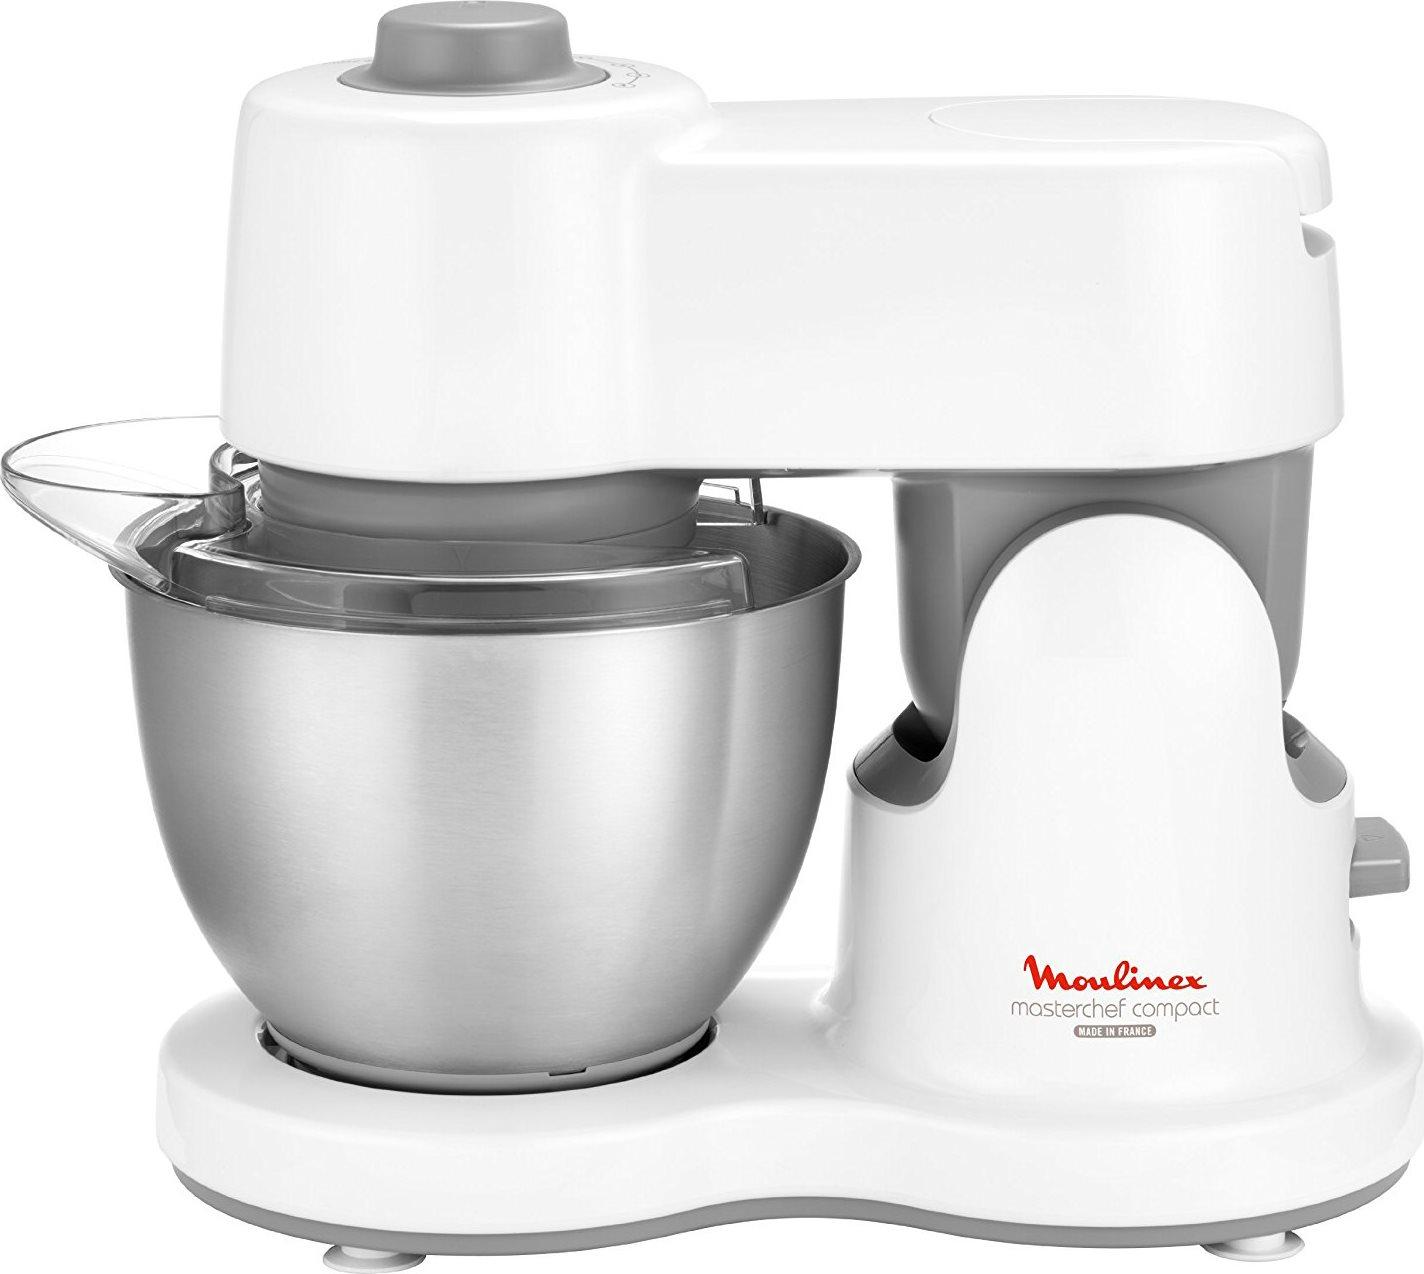 Moulinex robot da cucina capacit 3 5 litri potenza 700 watt colore bianco con frullatore - Robot da cucina moulinex ...